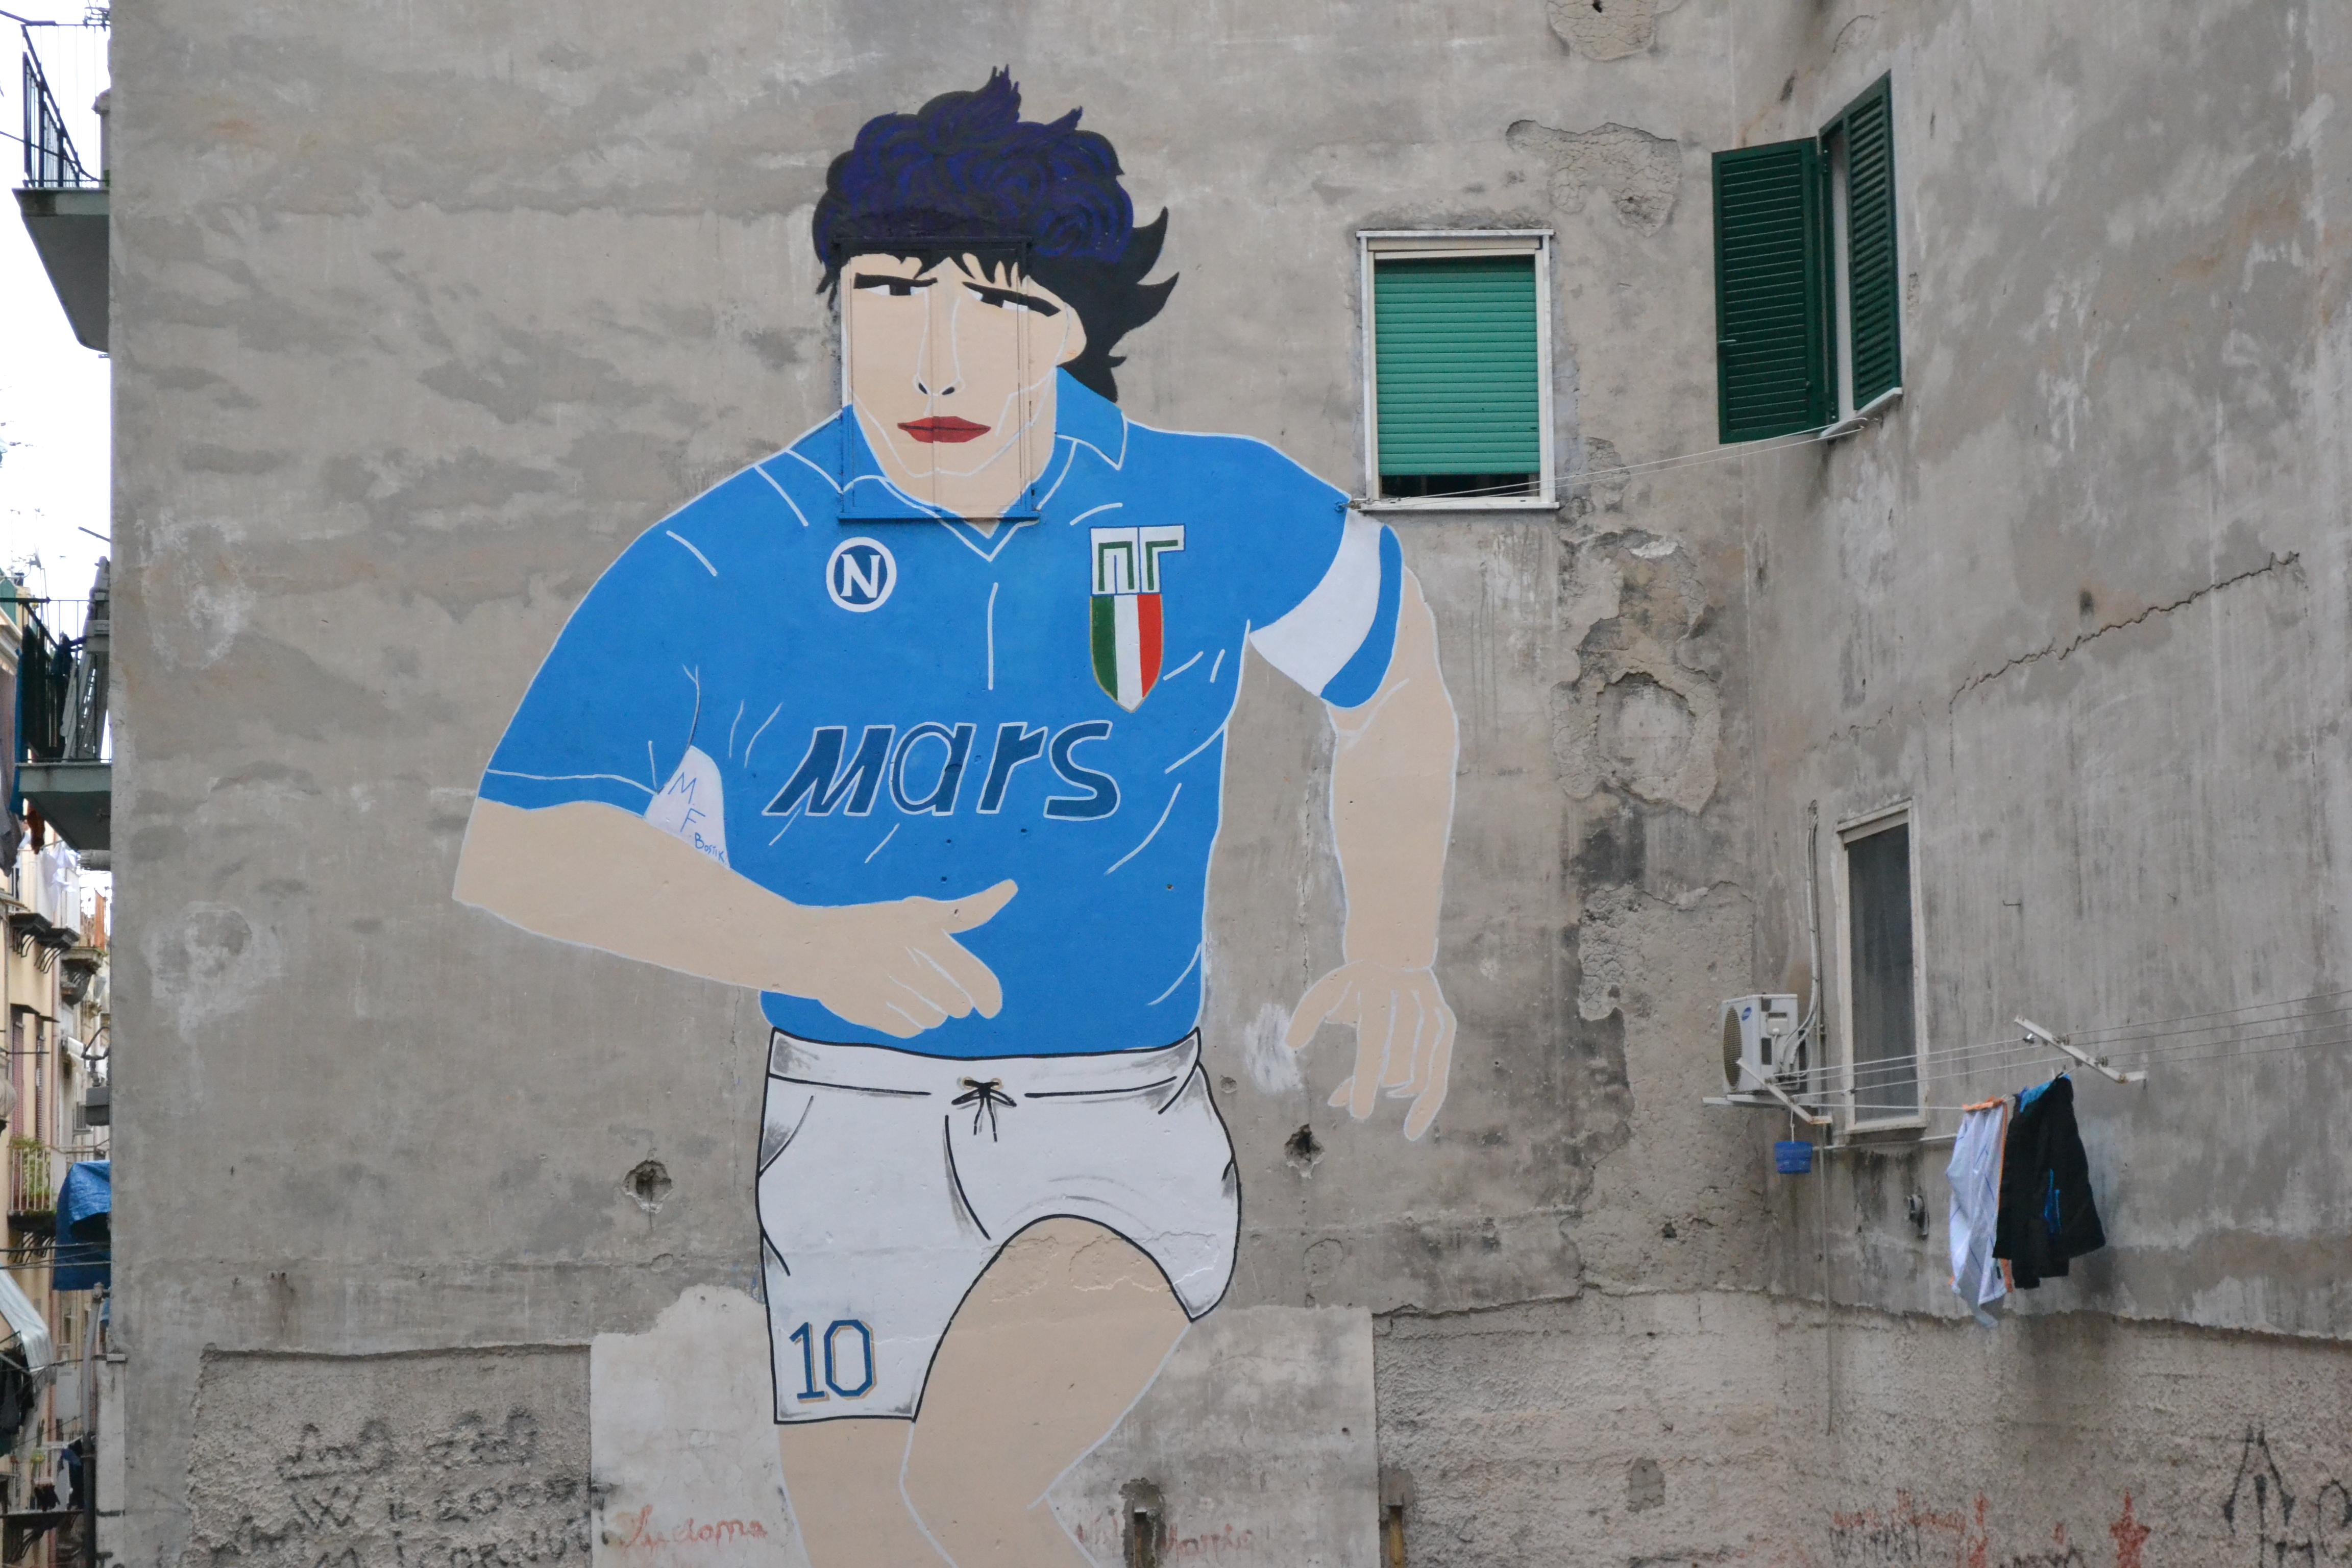 La domenica in cui i Quartieri Spagnoli si fermarono per il murales di Maradona